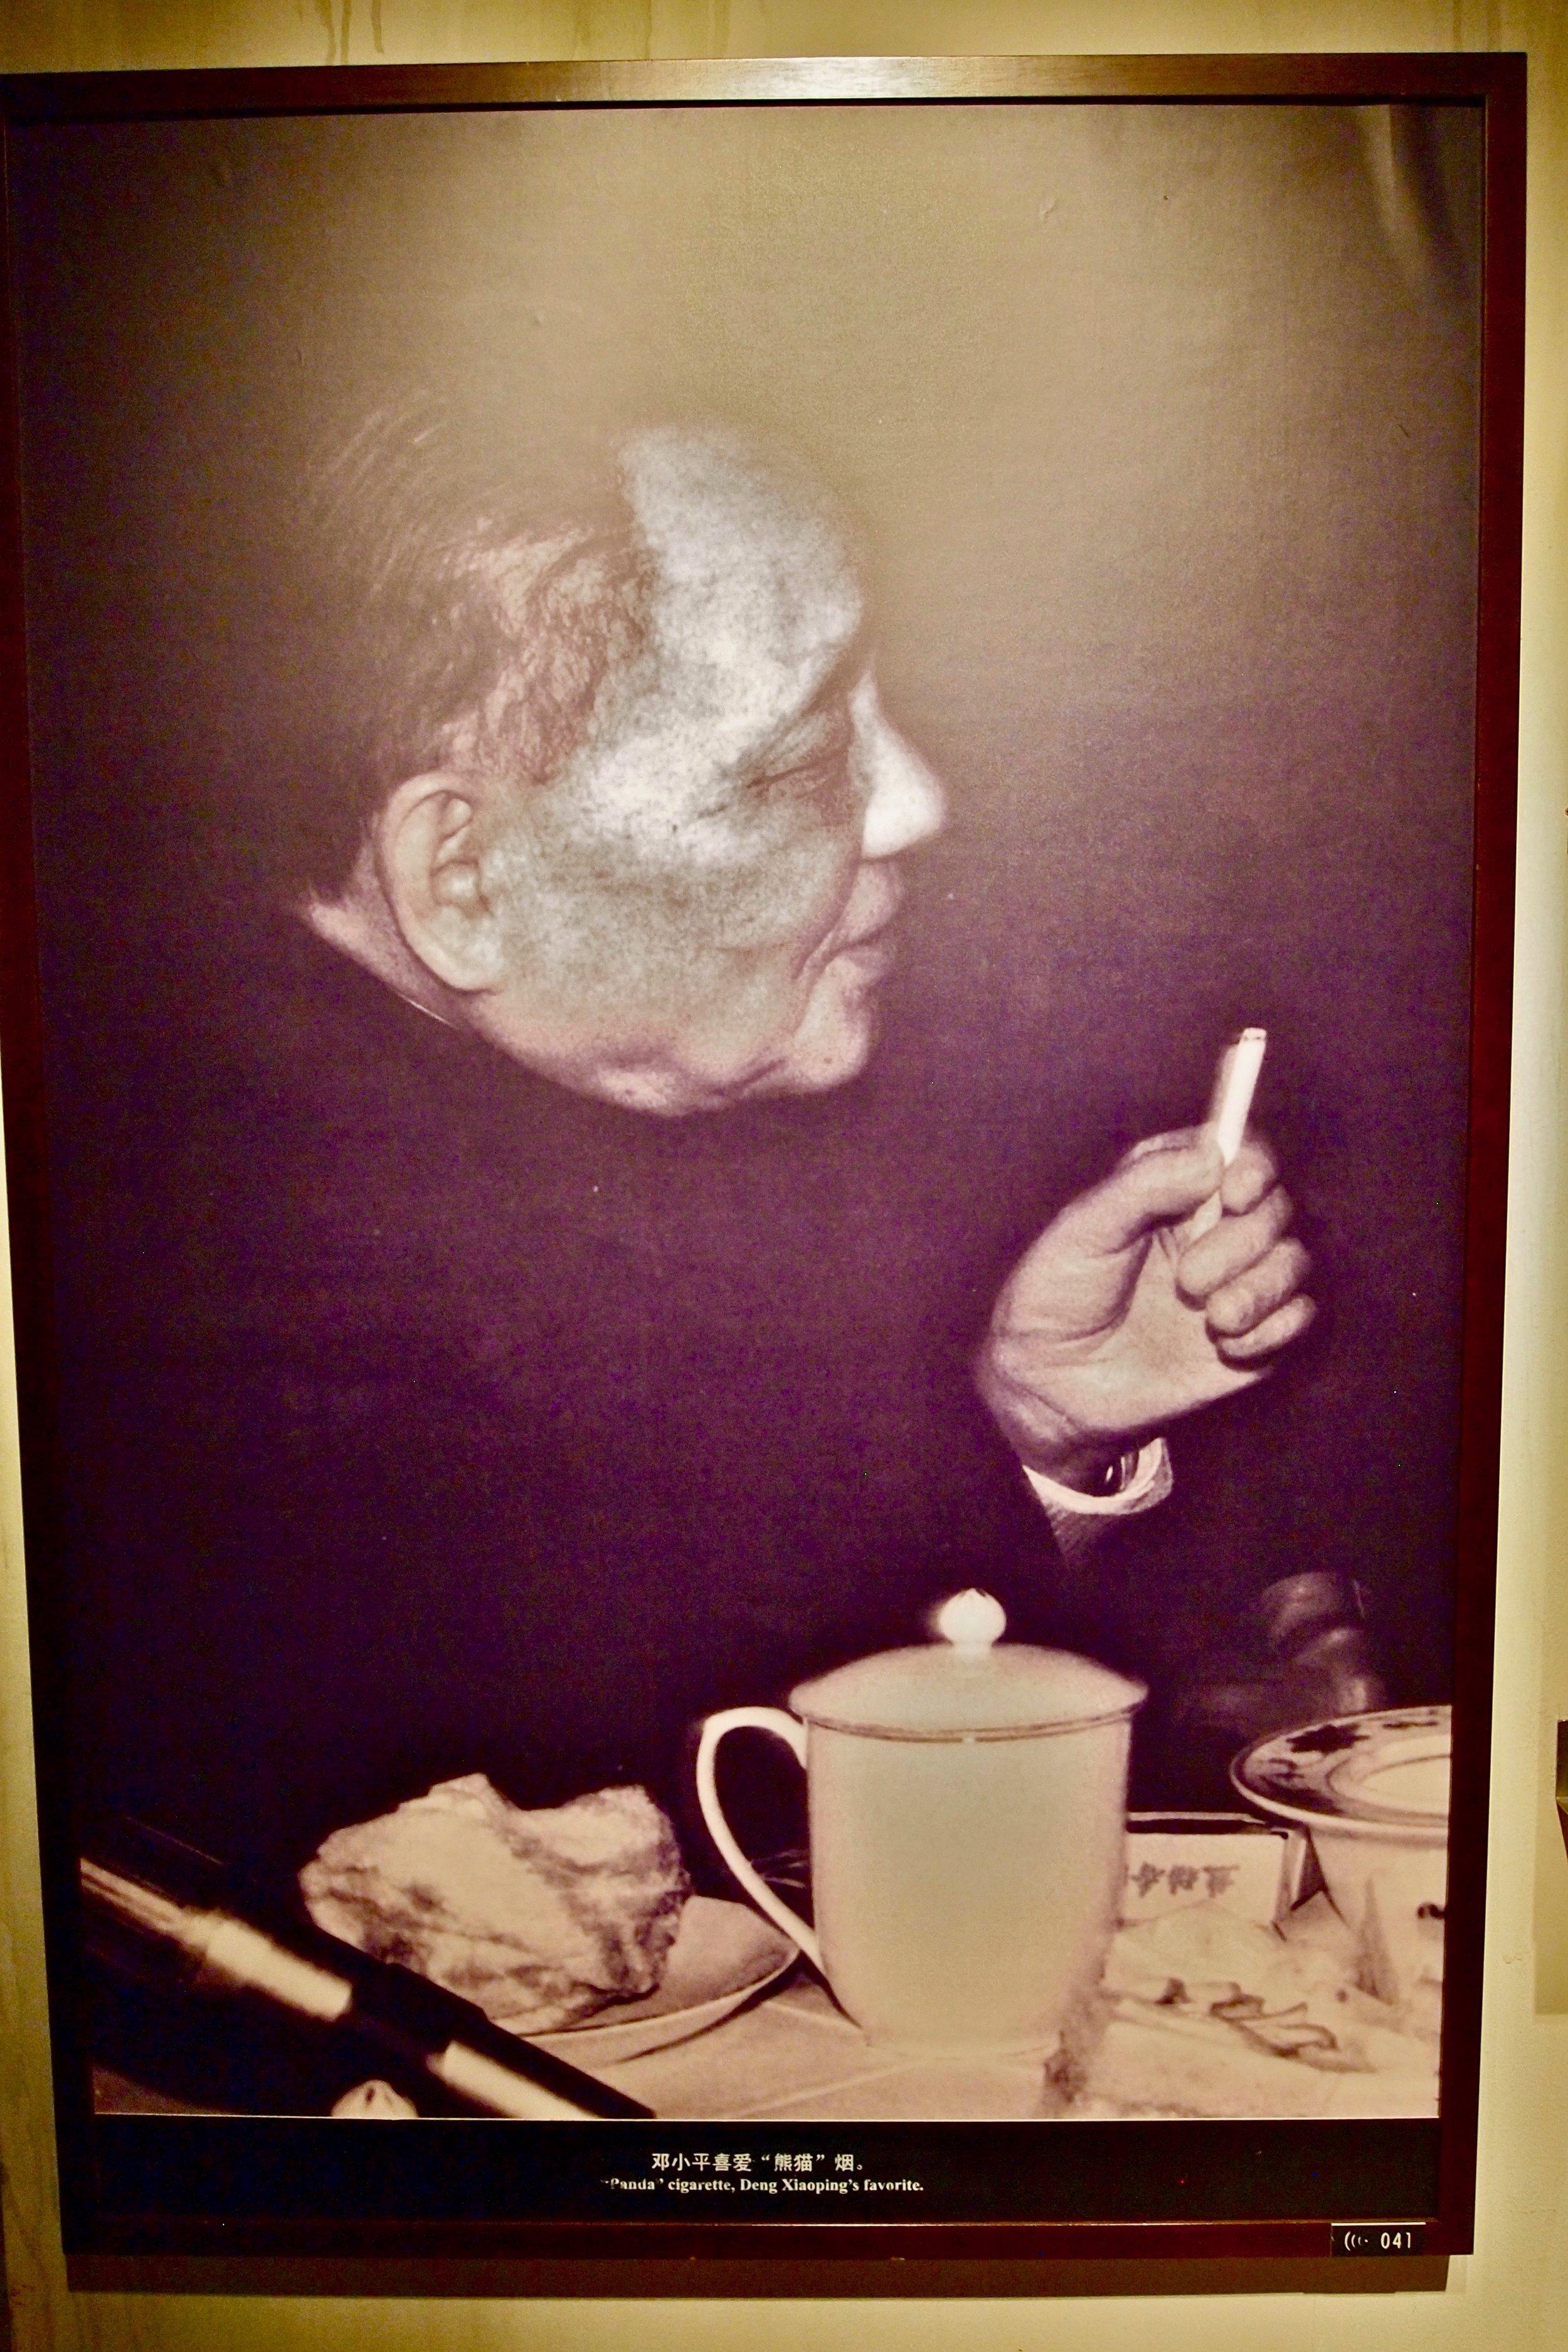 Deng Xiaoping smoking his 'favorite Panda brand cigarette'.